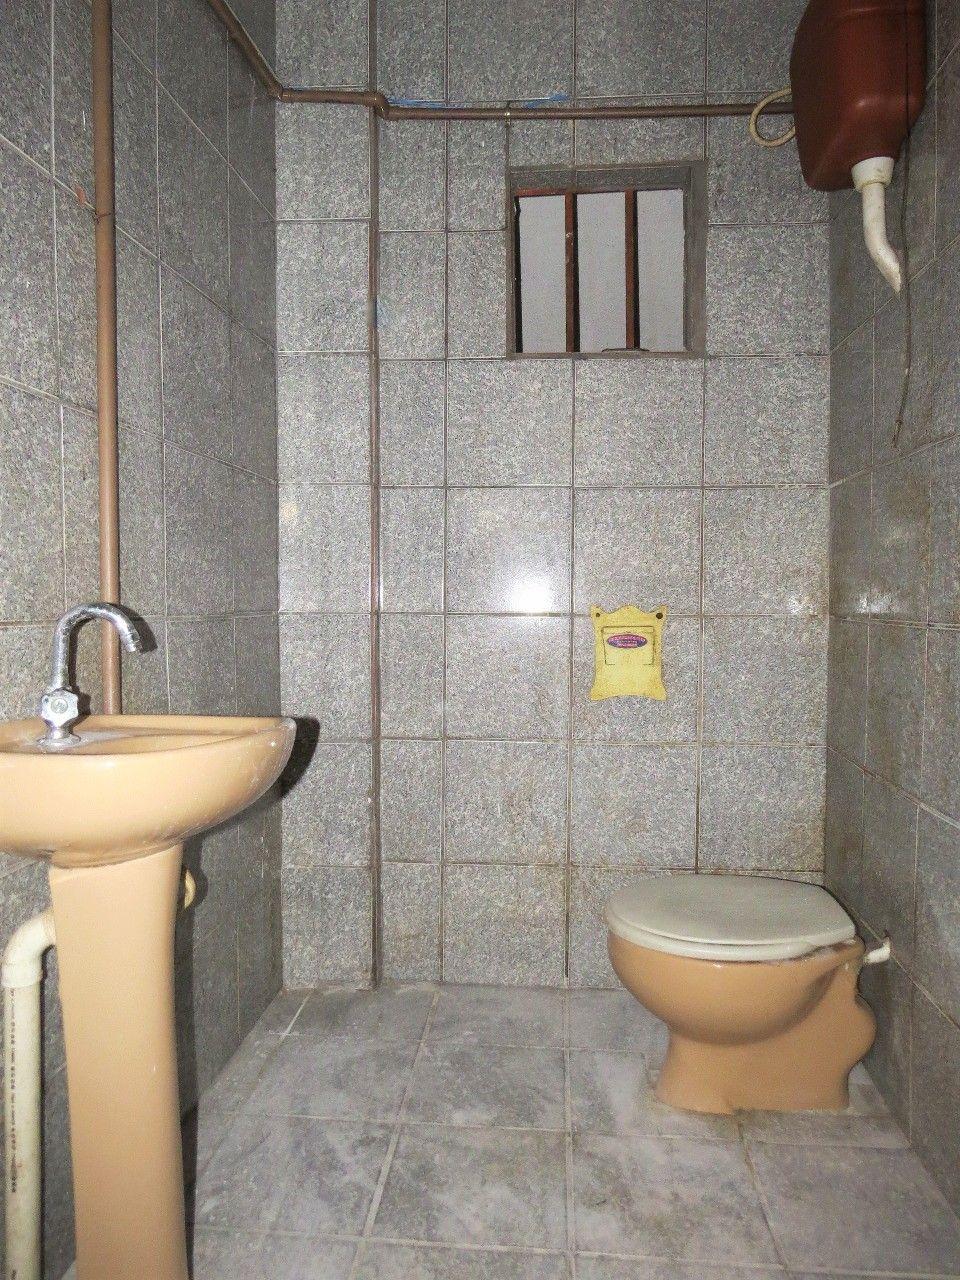 Aluguel - Comercial - Sala Comercial - PR - Ponta Grossa - Centro - Rua Tobias Monteiro - Madol Imóveis - 101827-5